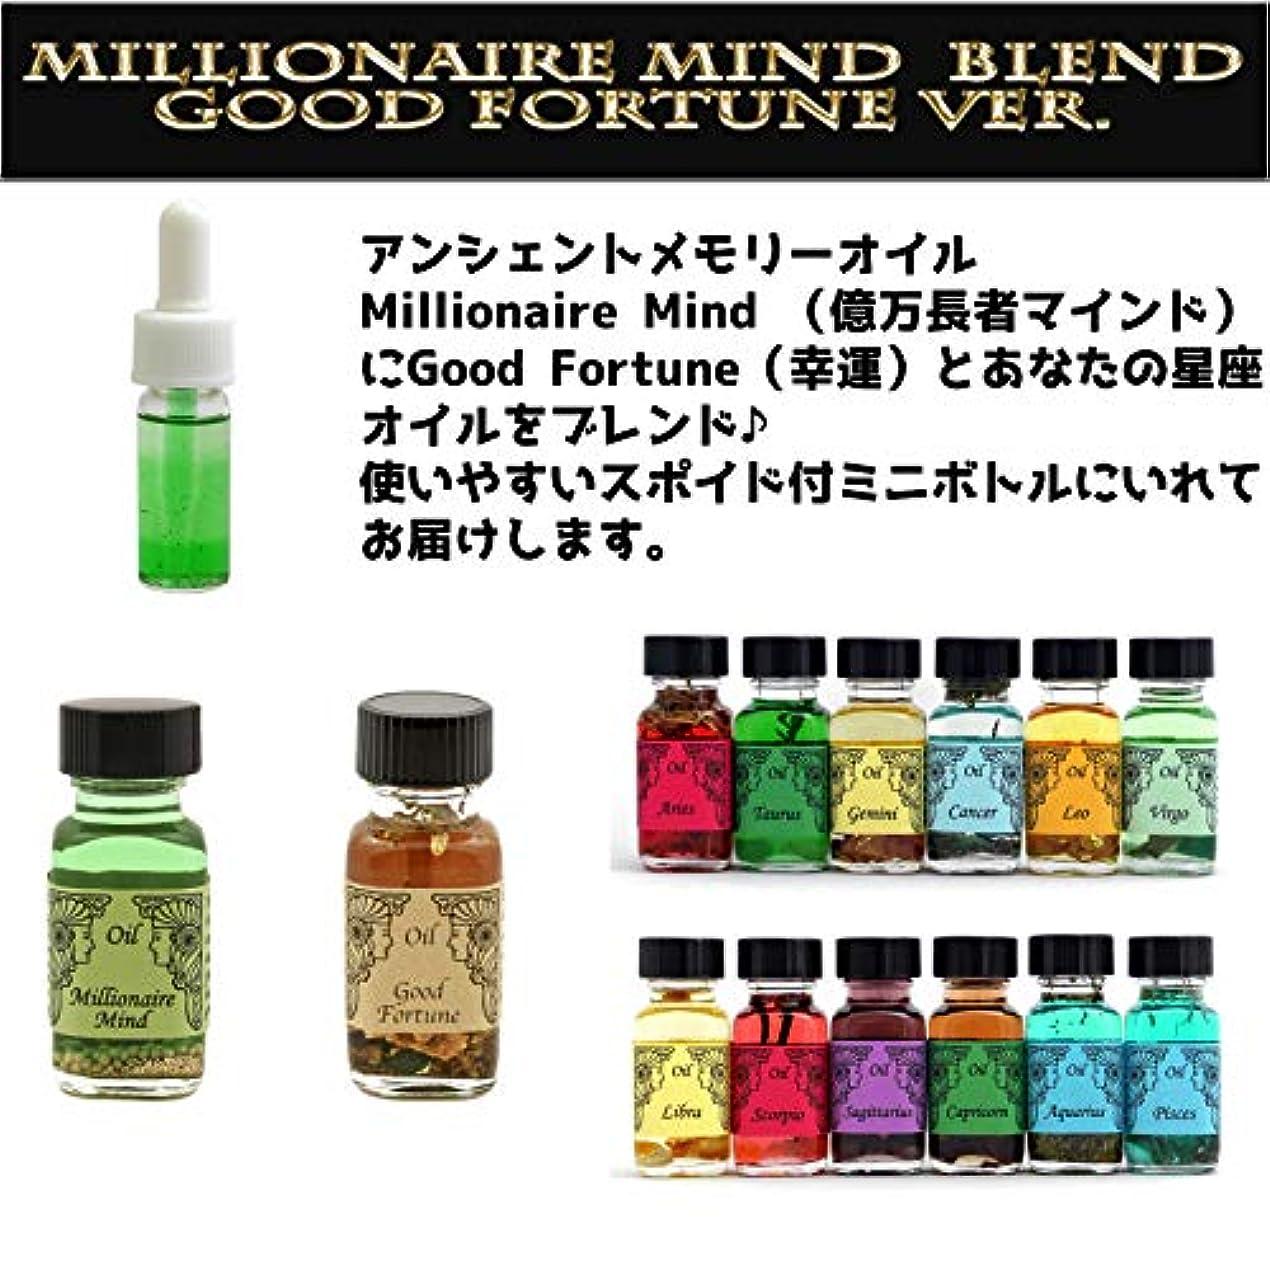 お世話になったアミューズメント期待アンシェントメモリーオイル Millionaire Mind 億万長者マインド ブレンド【Good Fortune グッドフォーチュン 幸運&いて座】